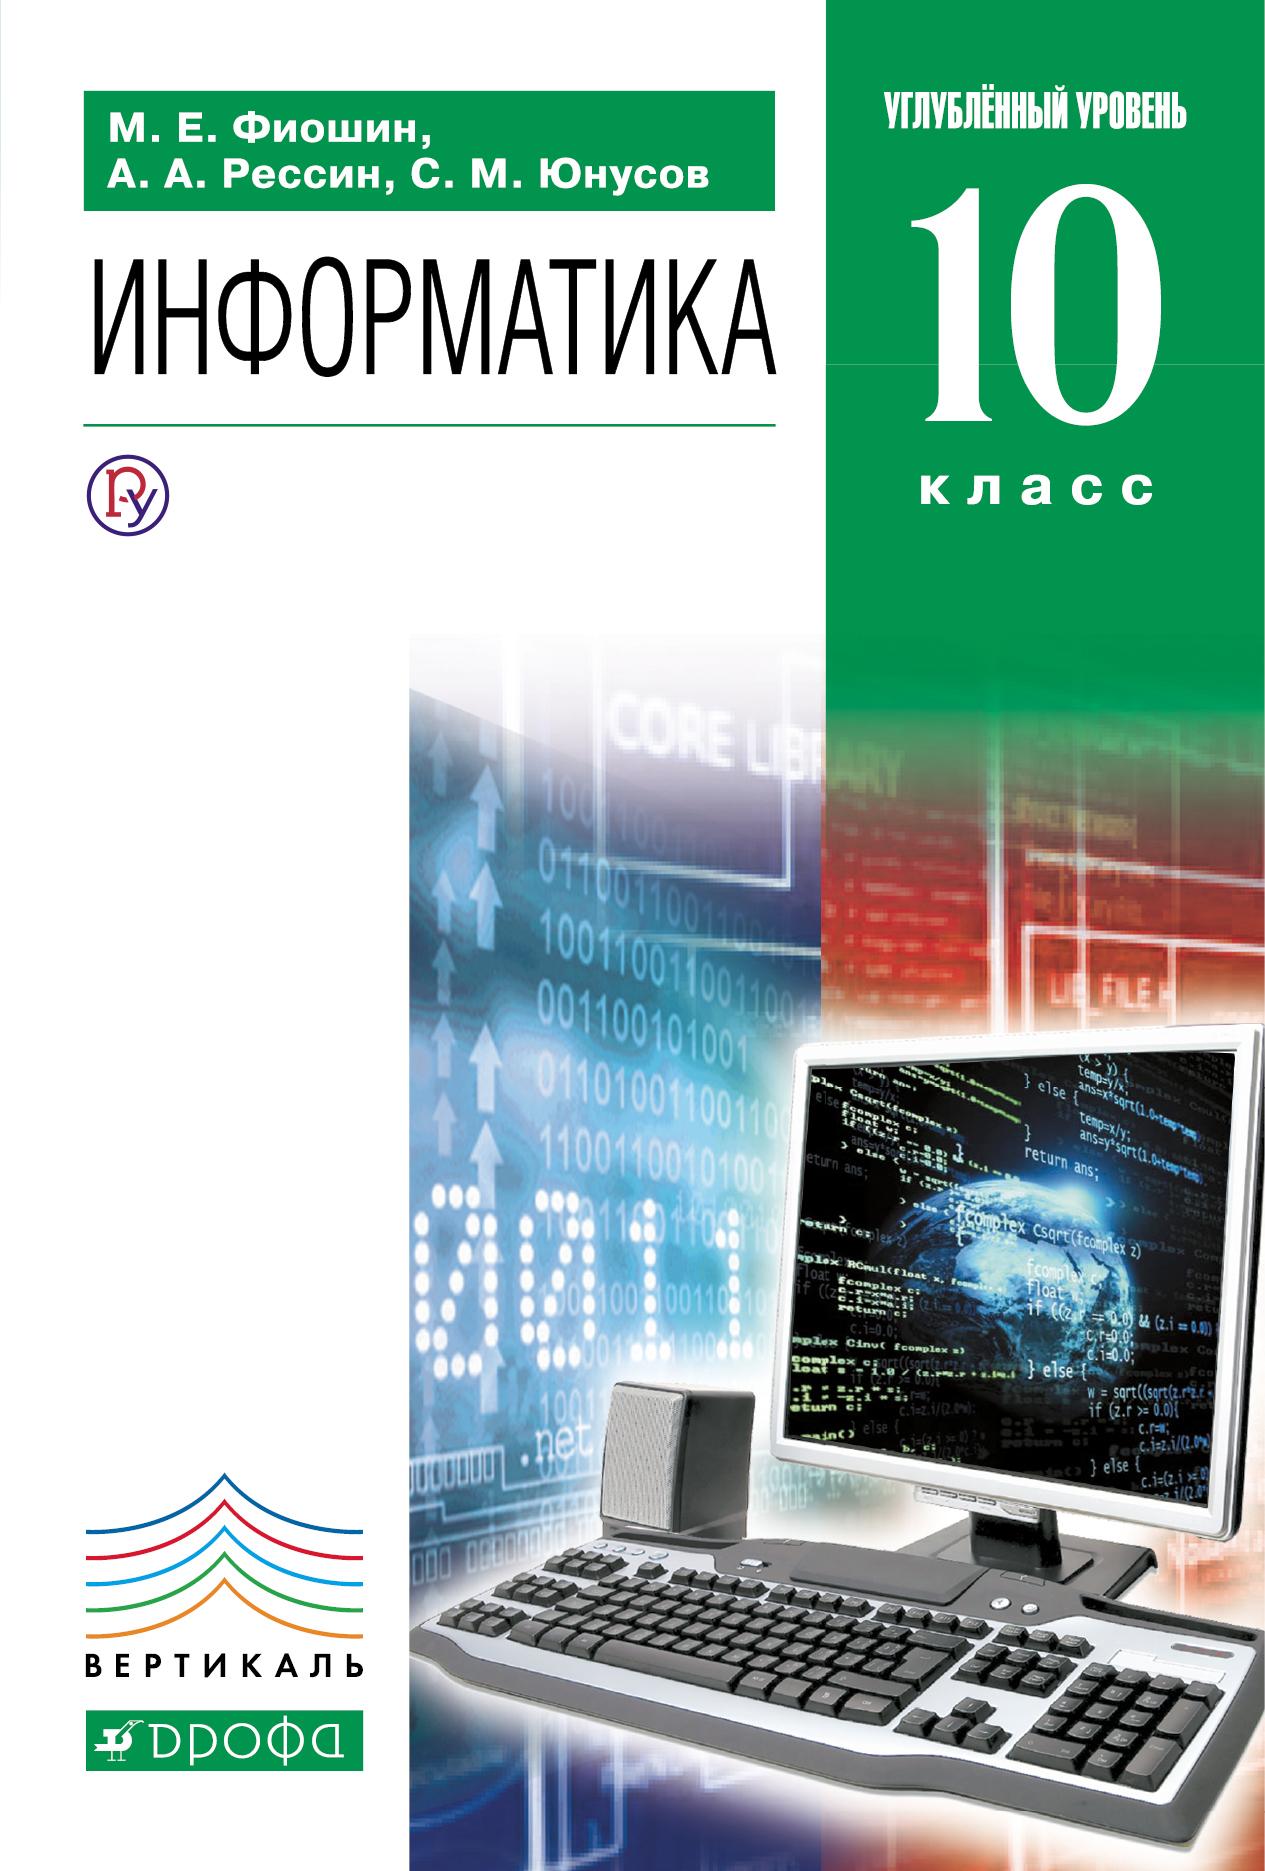 Информатика. Углубленный уровень. 10 класс. Учебник, CD